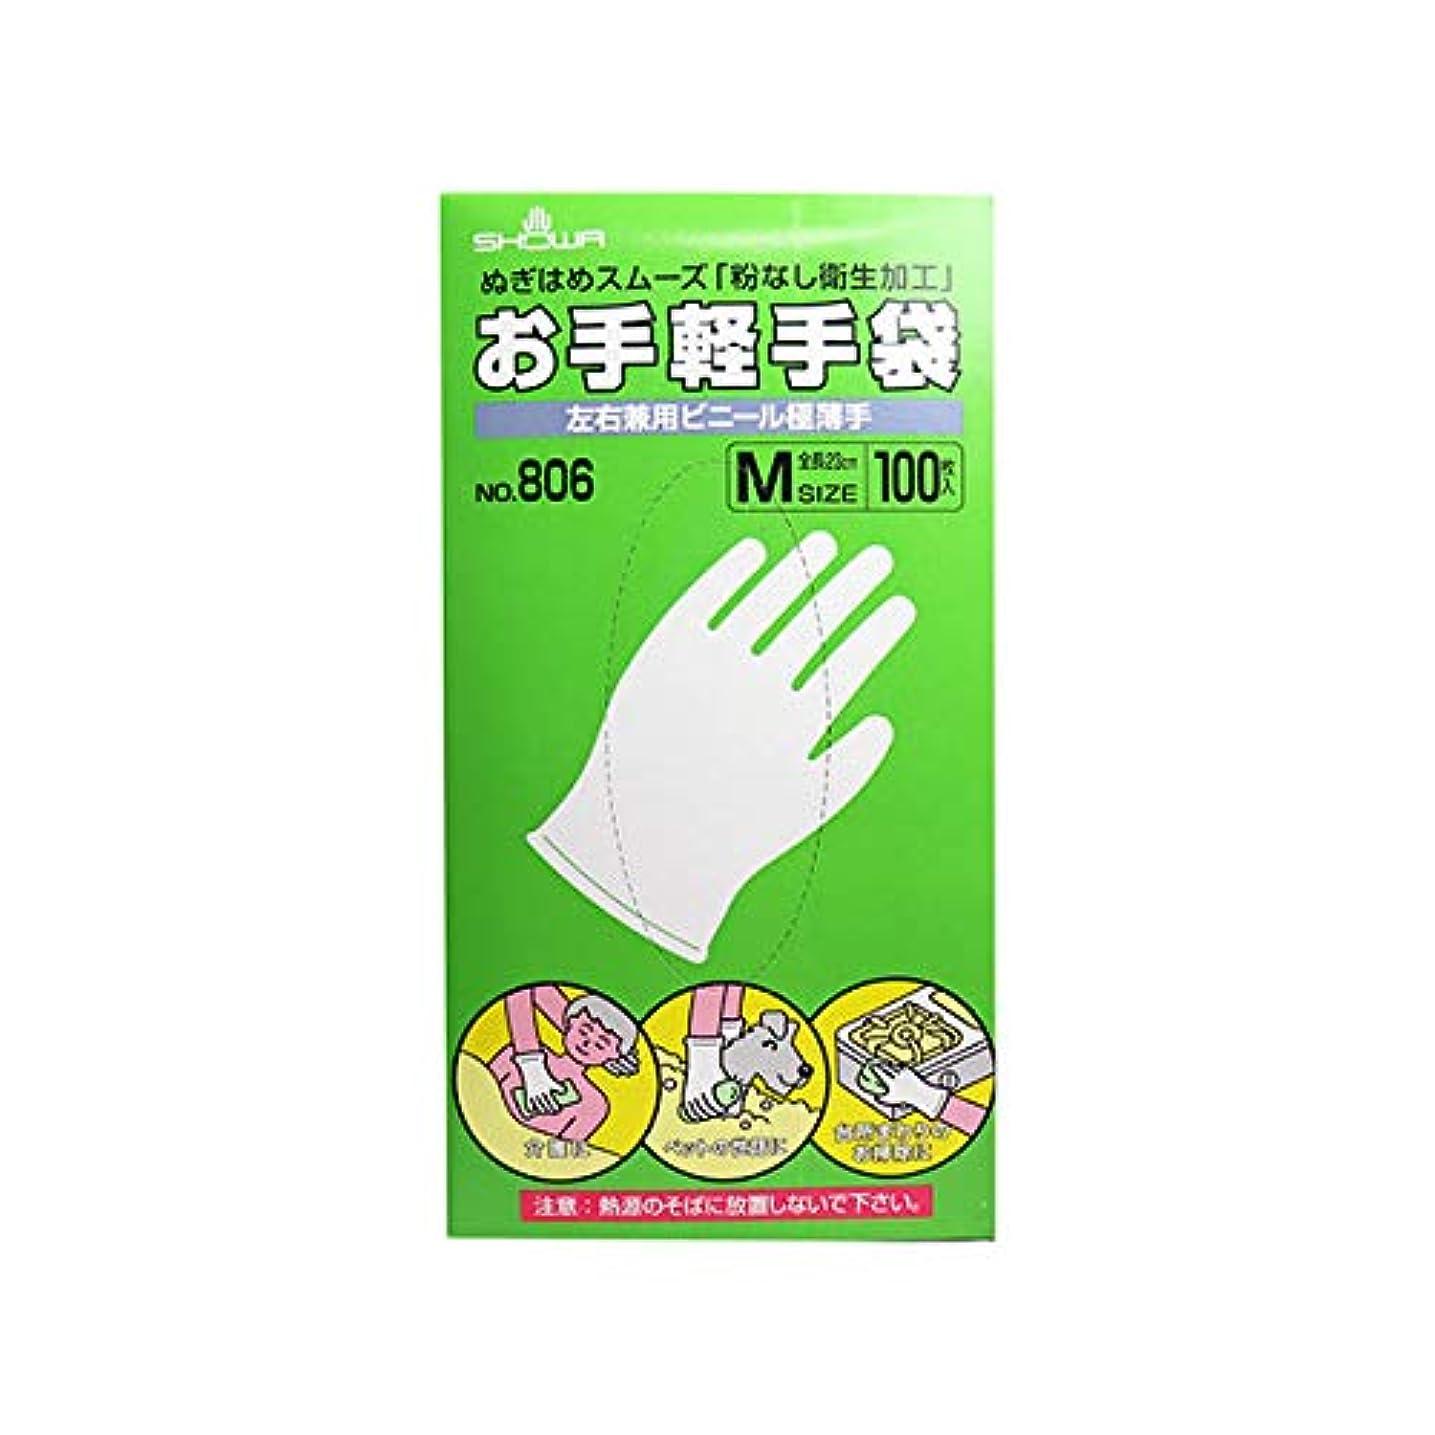 位置する軽量以来使い捨て手袋 お手軽手袋 No.806 左右兼用ビニール極薄手 粉なし 100枚入X10箱 Mサイズ ショーワグローブ